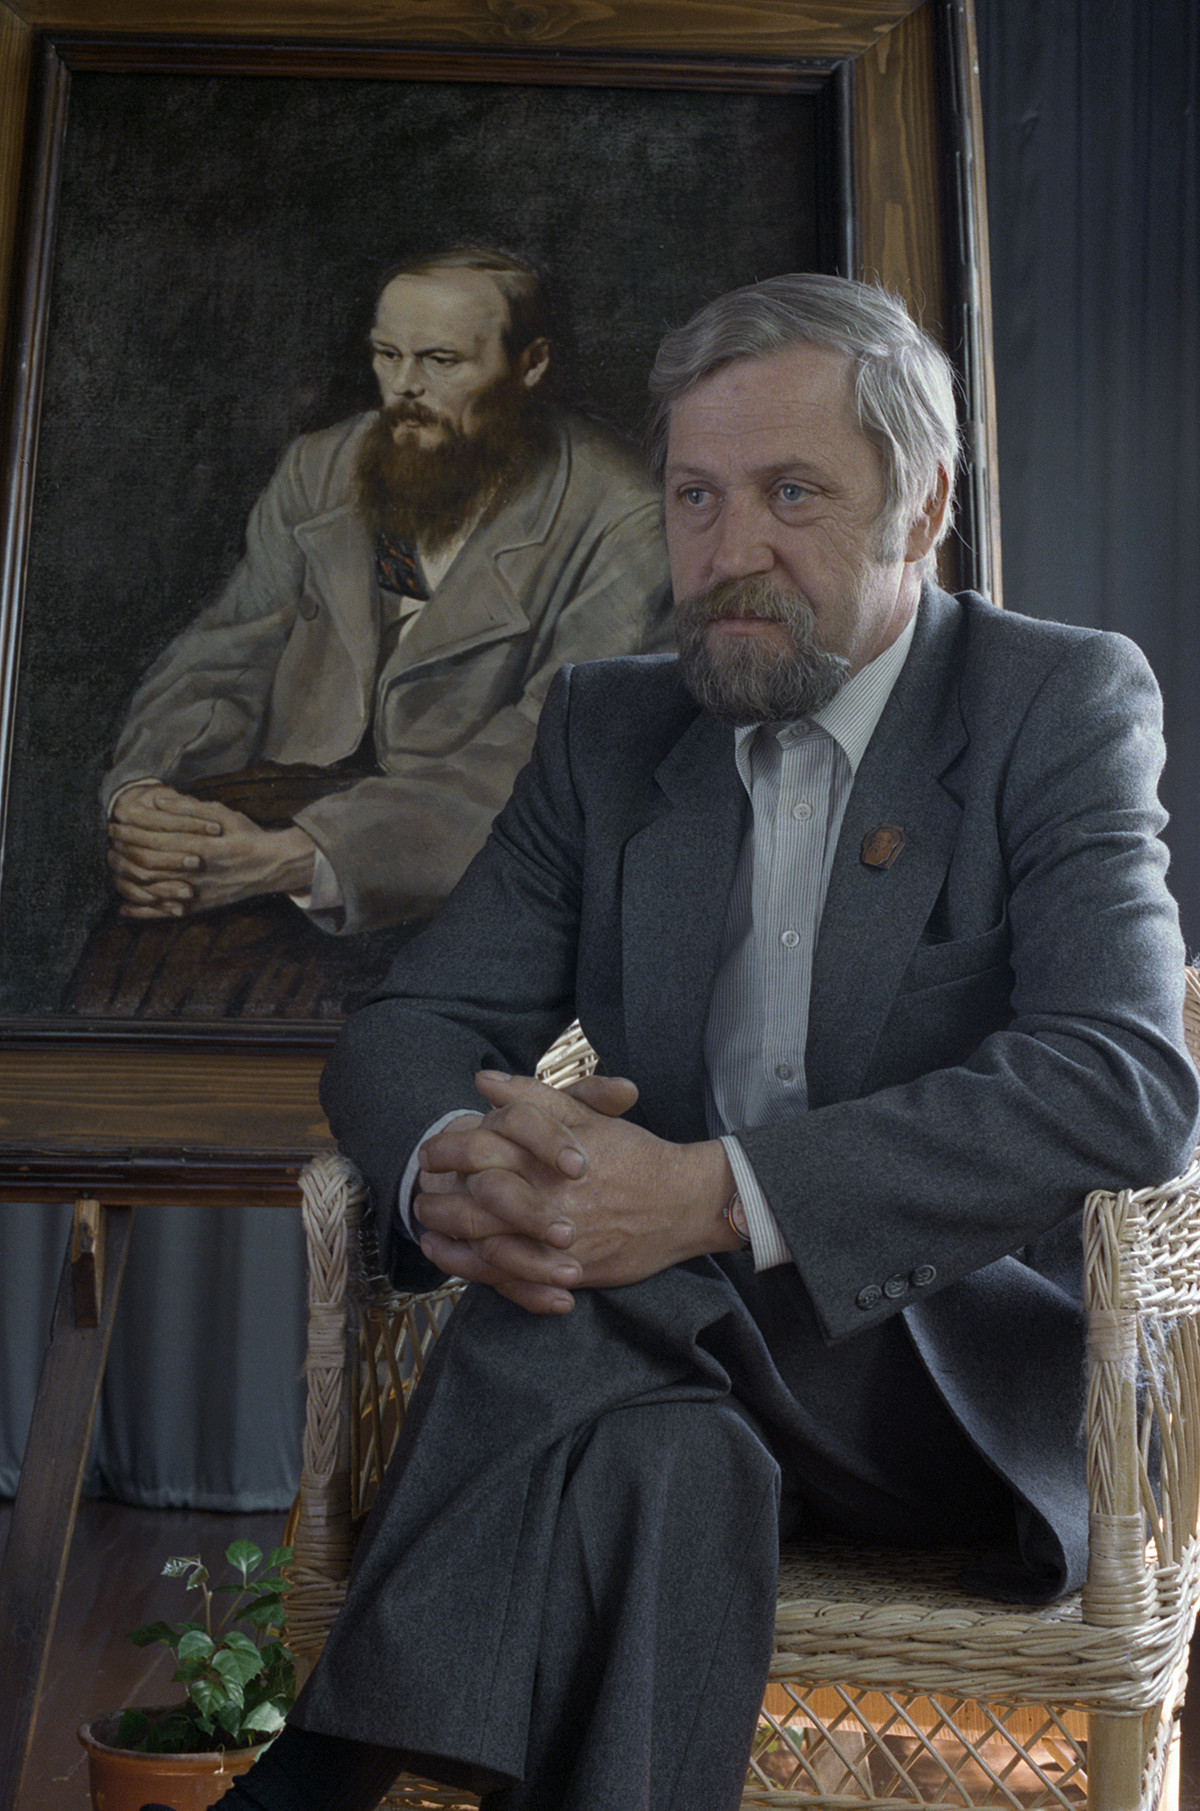 Dmitry Ovchinnikov, a great grandson of Dostoevsky